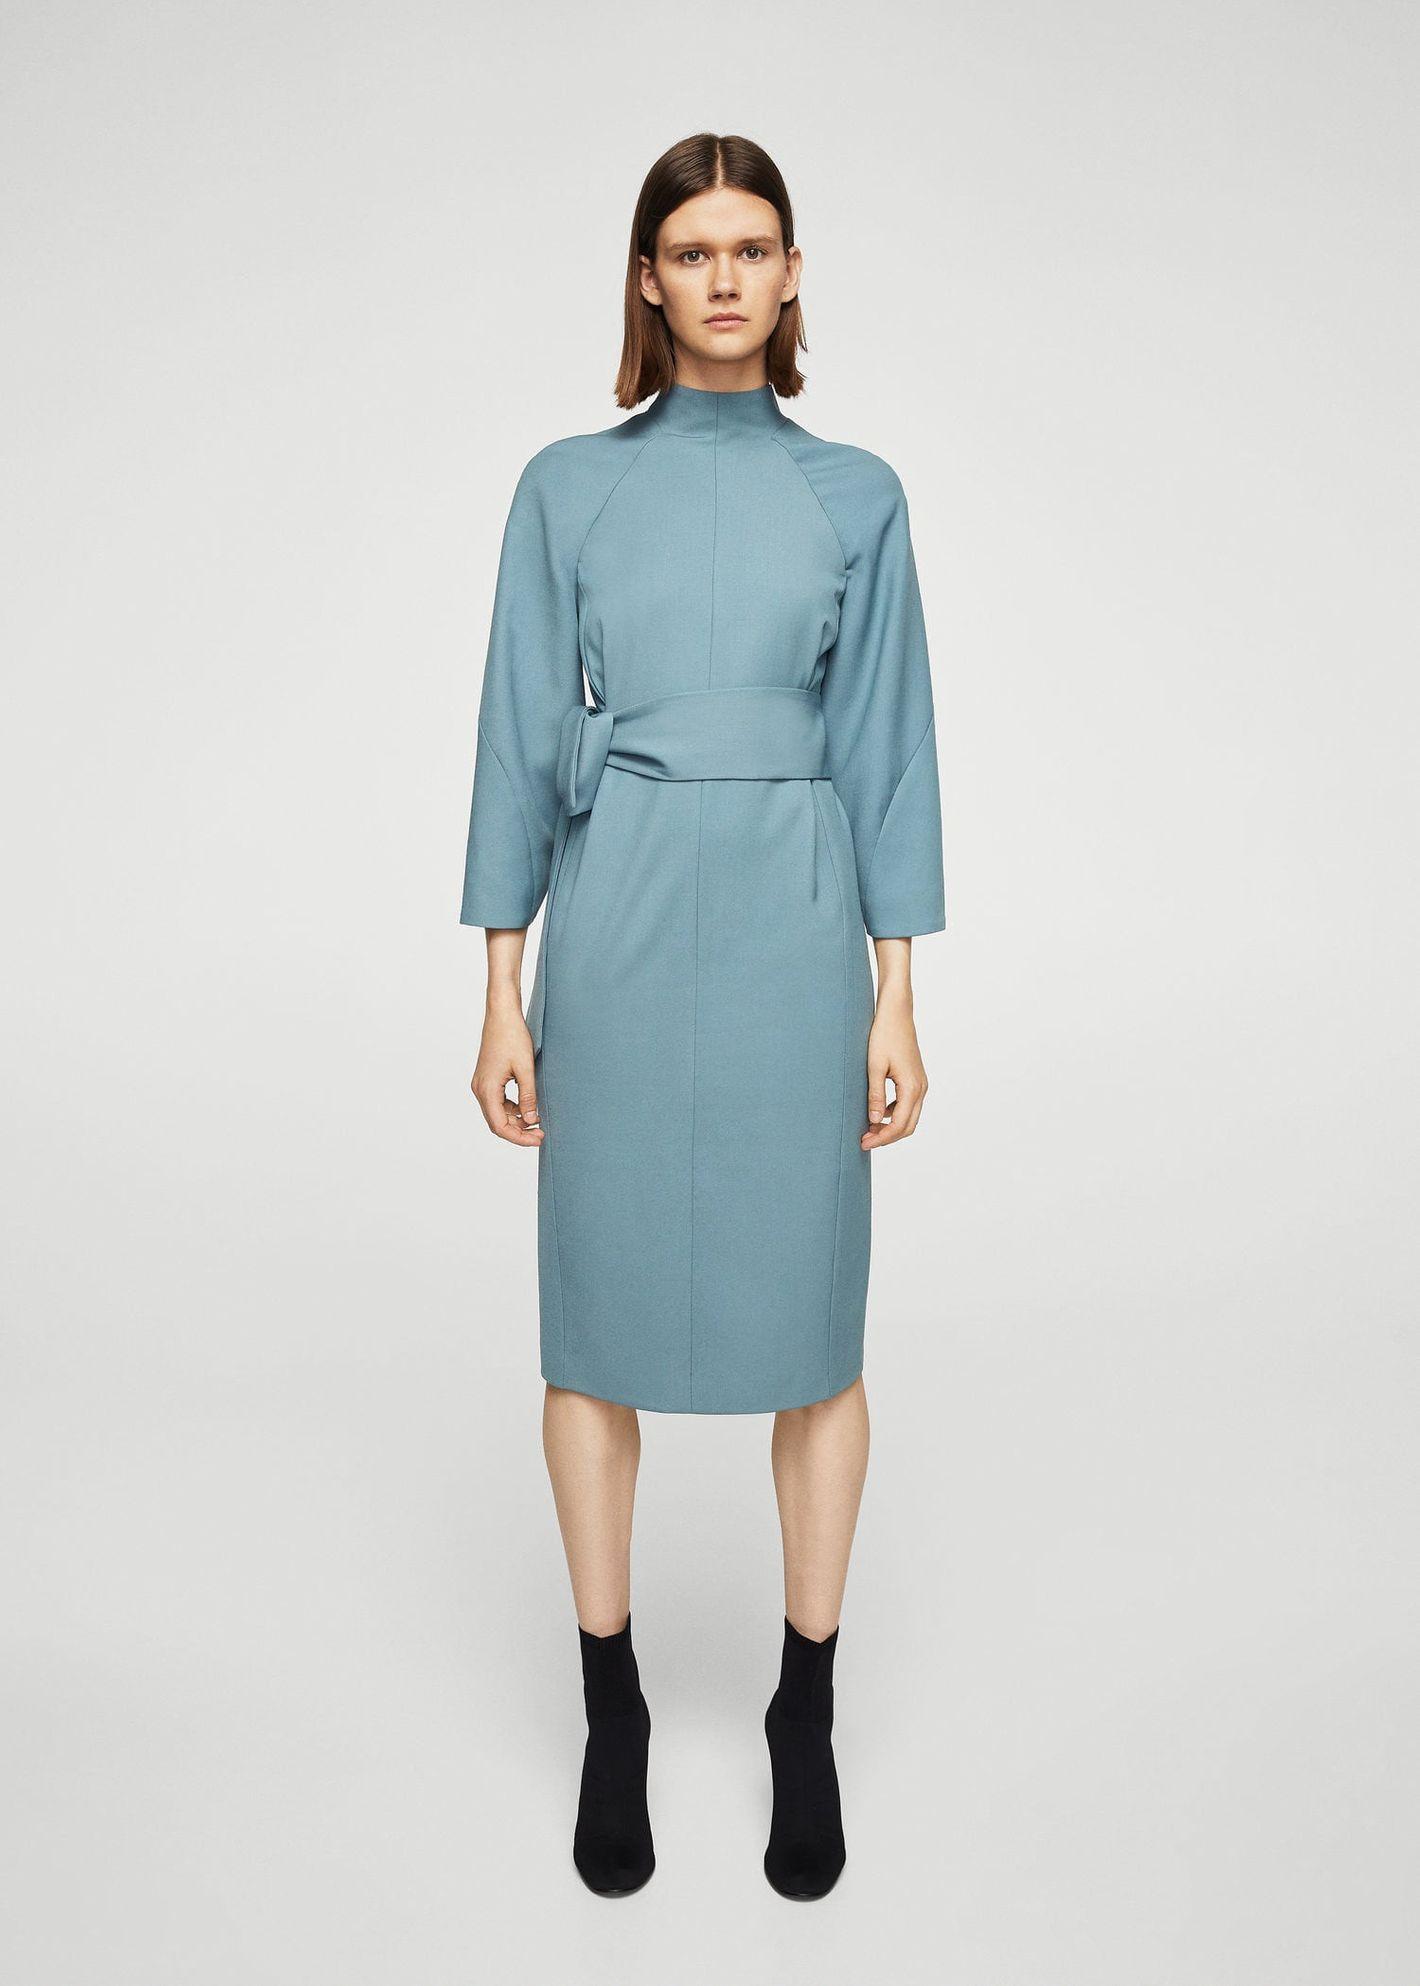 Mango Knot Wool-Blend Dress